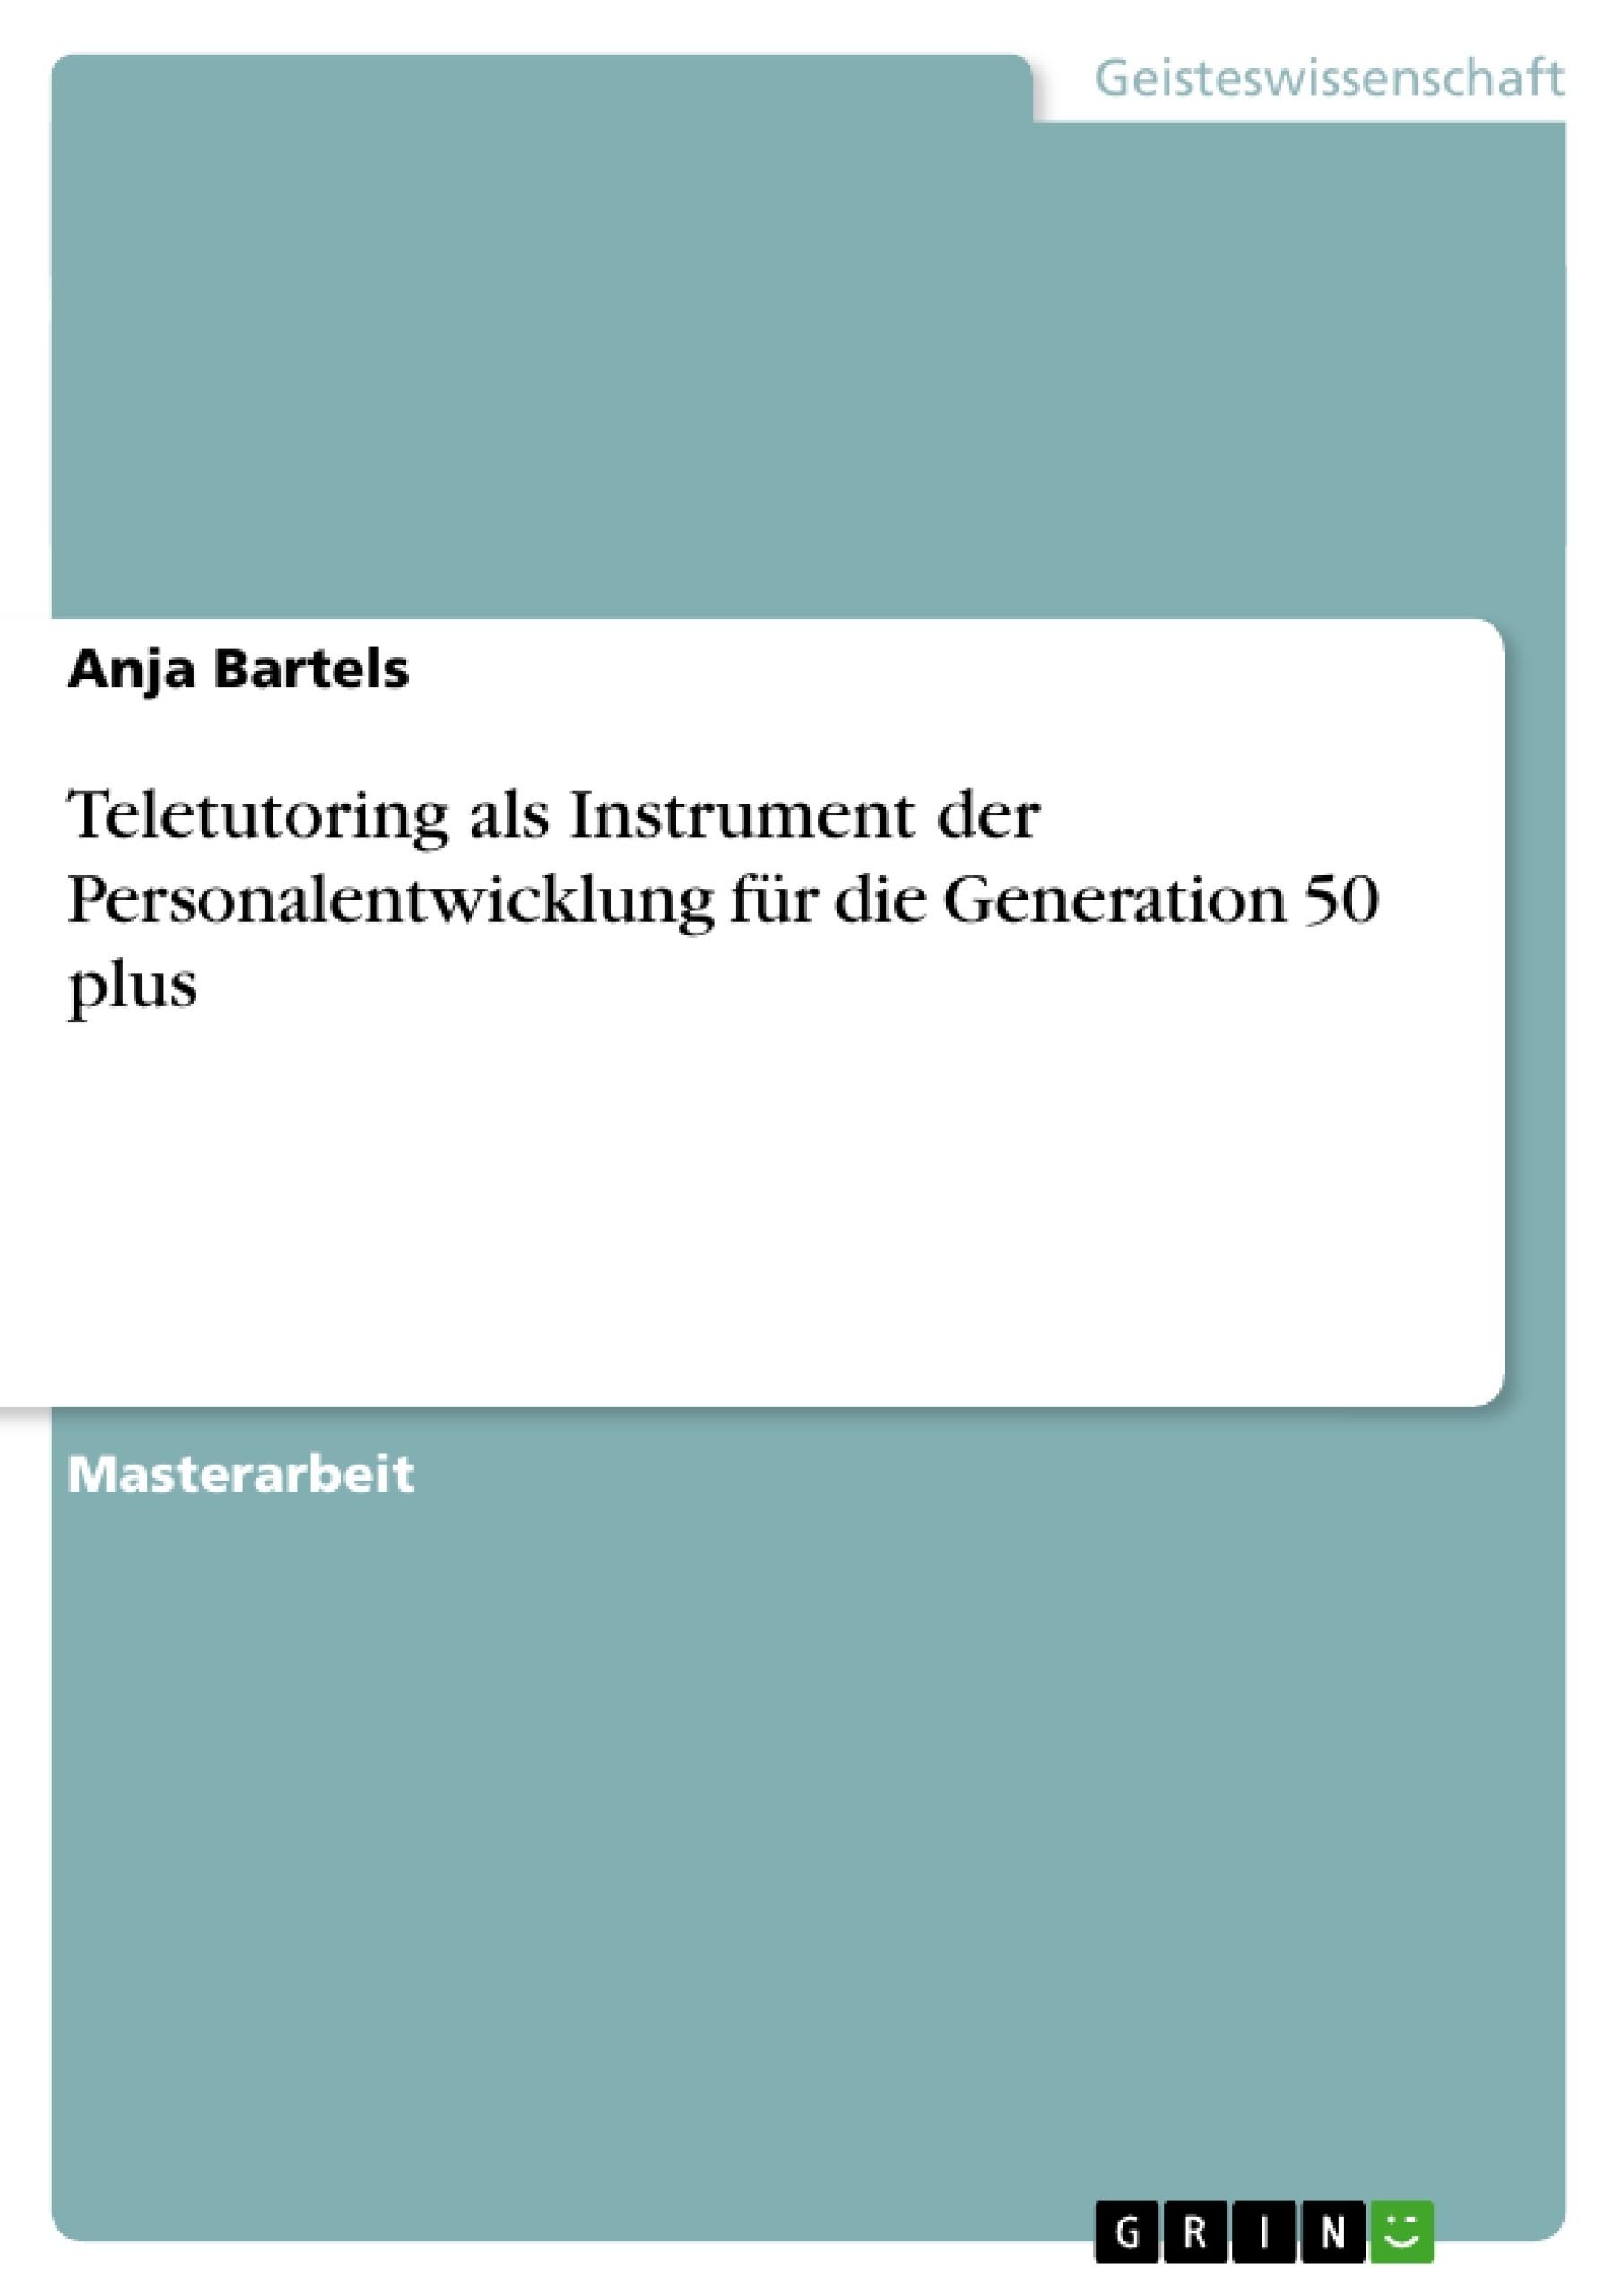 Titel: Teletutoring als Instrument der Personalentwicklung für die Generation 50 plus